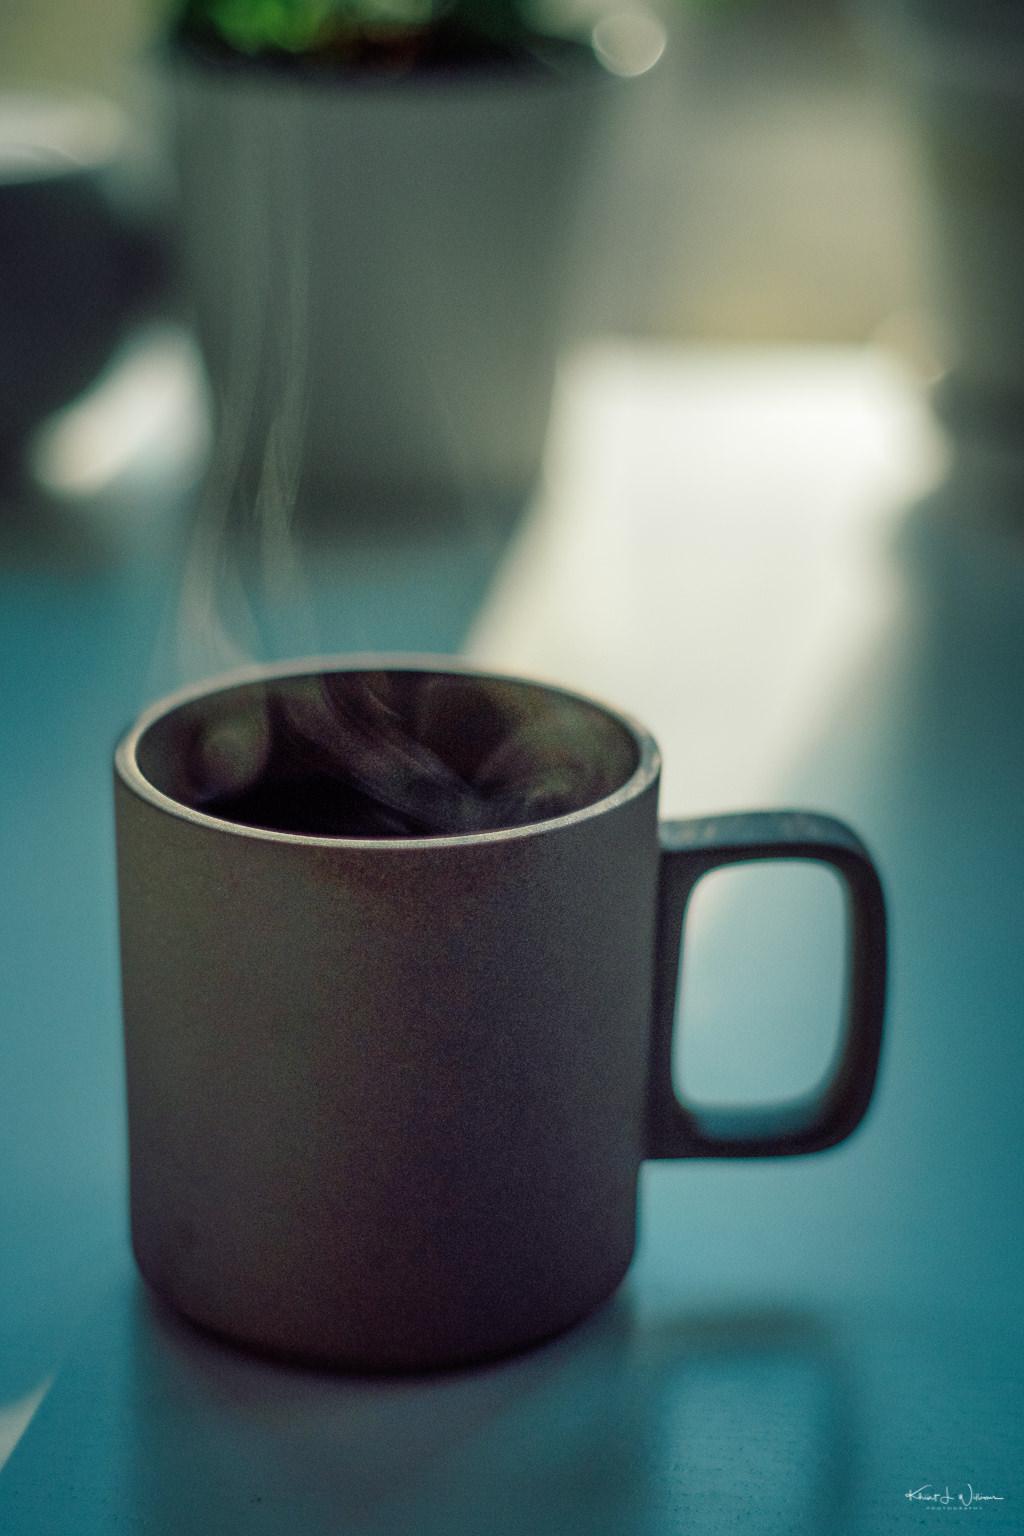 Coffee Steaming From Coffee Mug